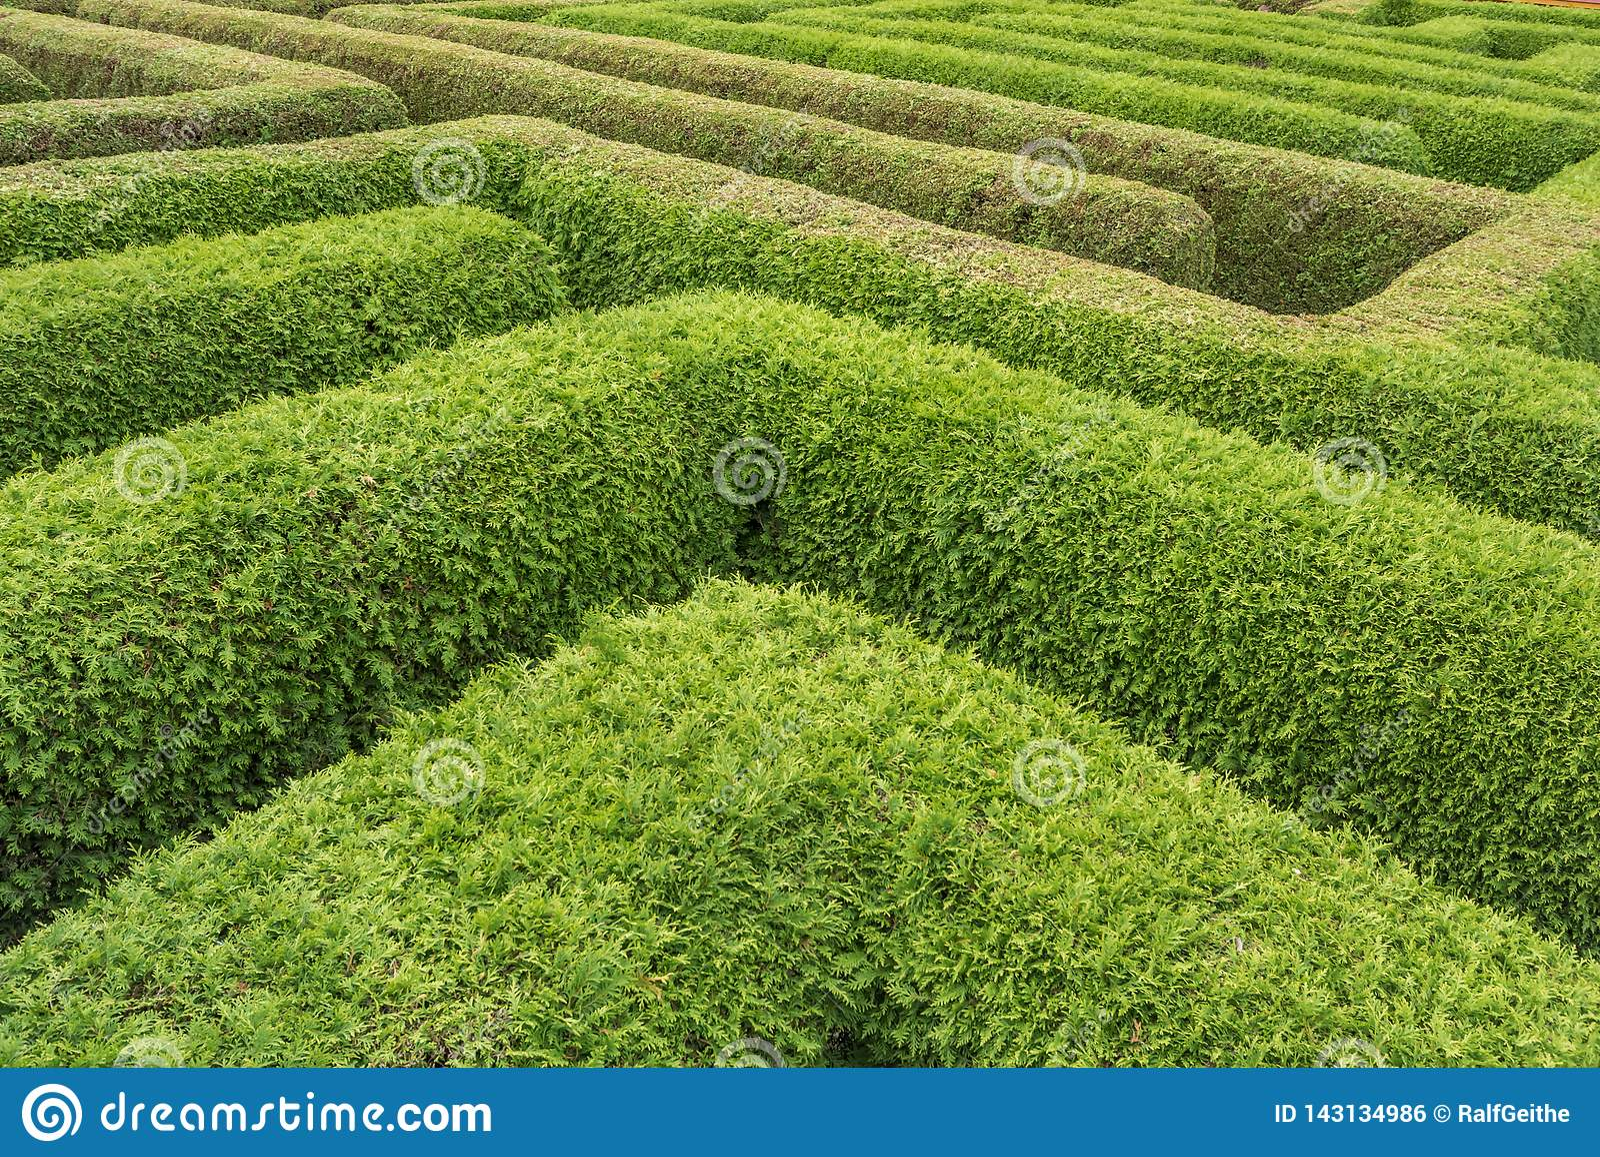 Cursos en un laberinto de setos verdes